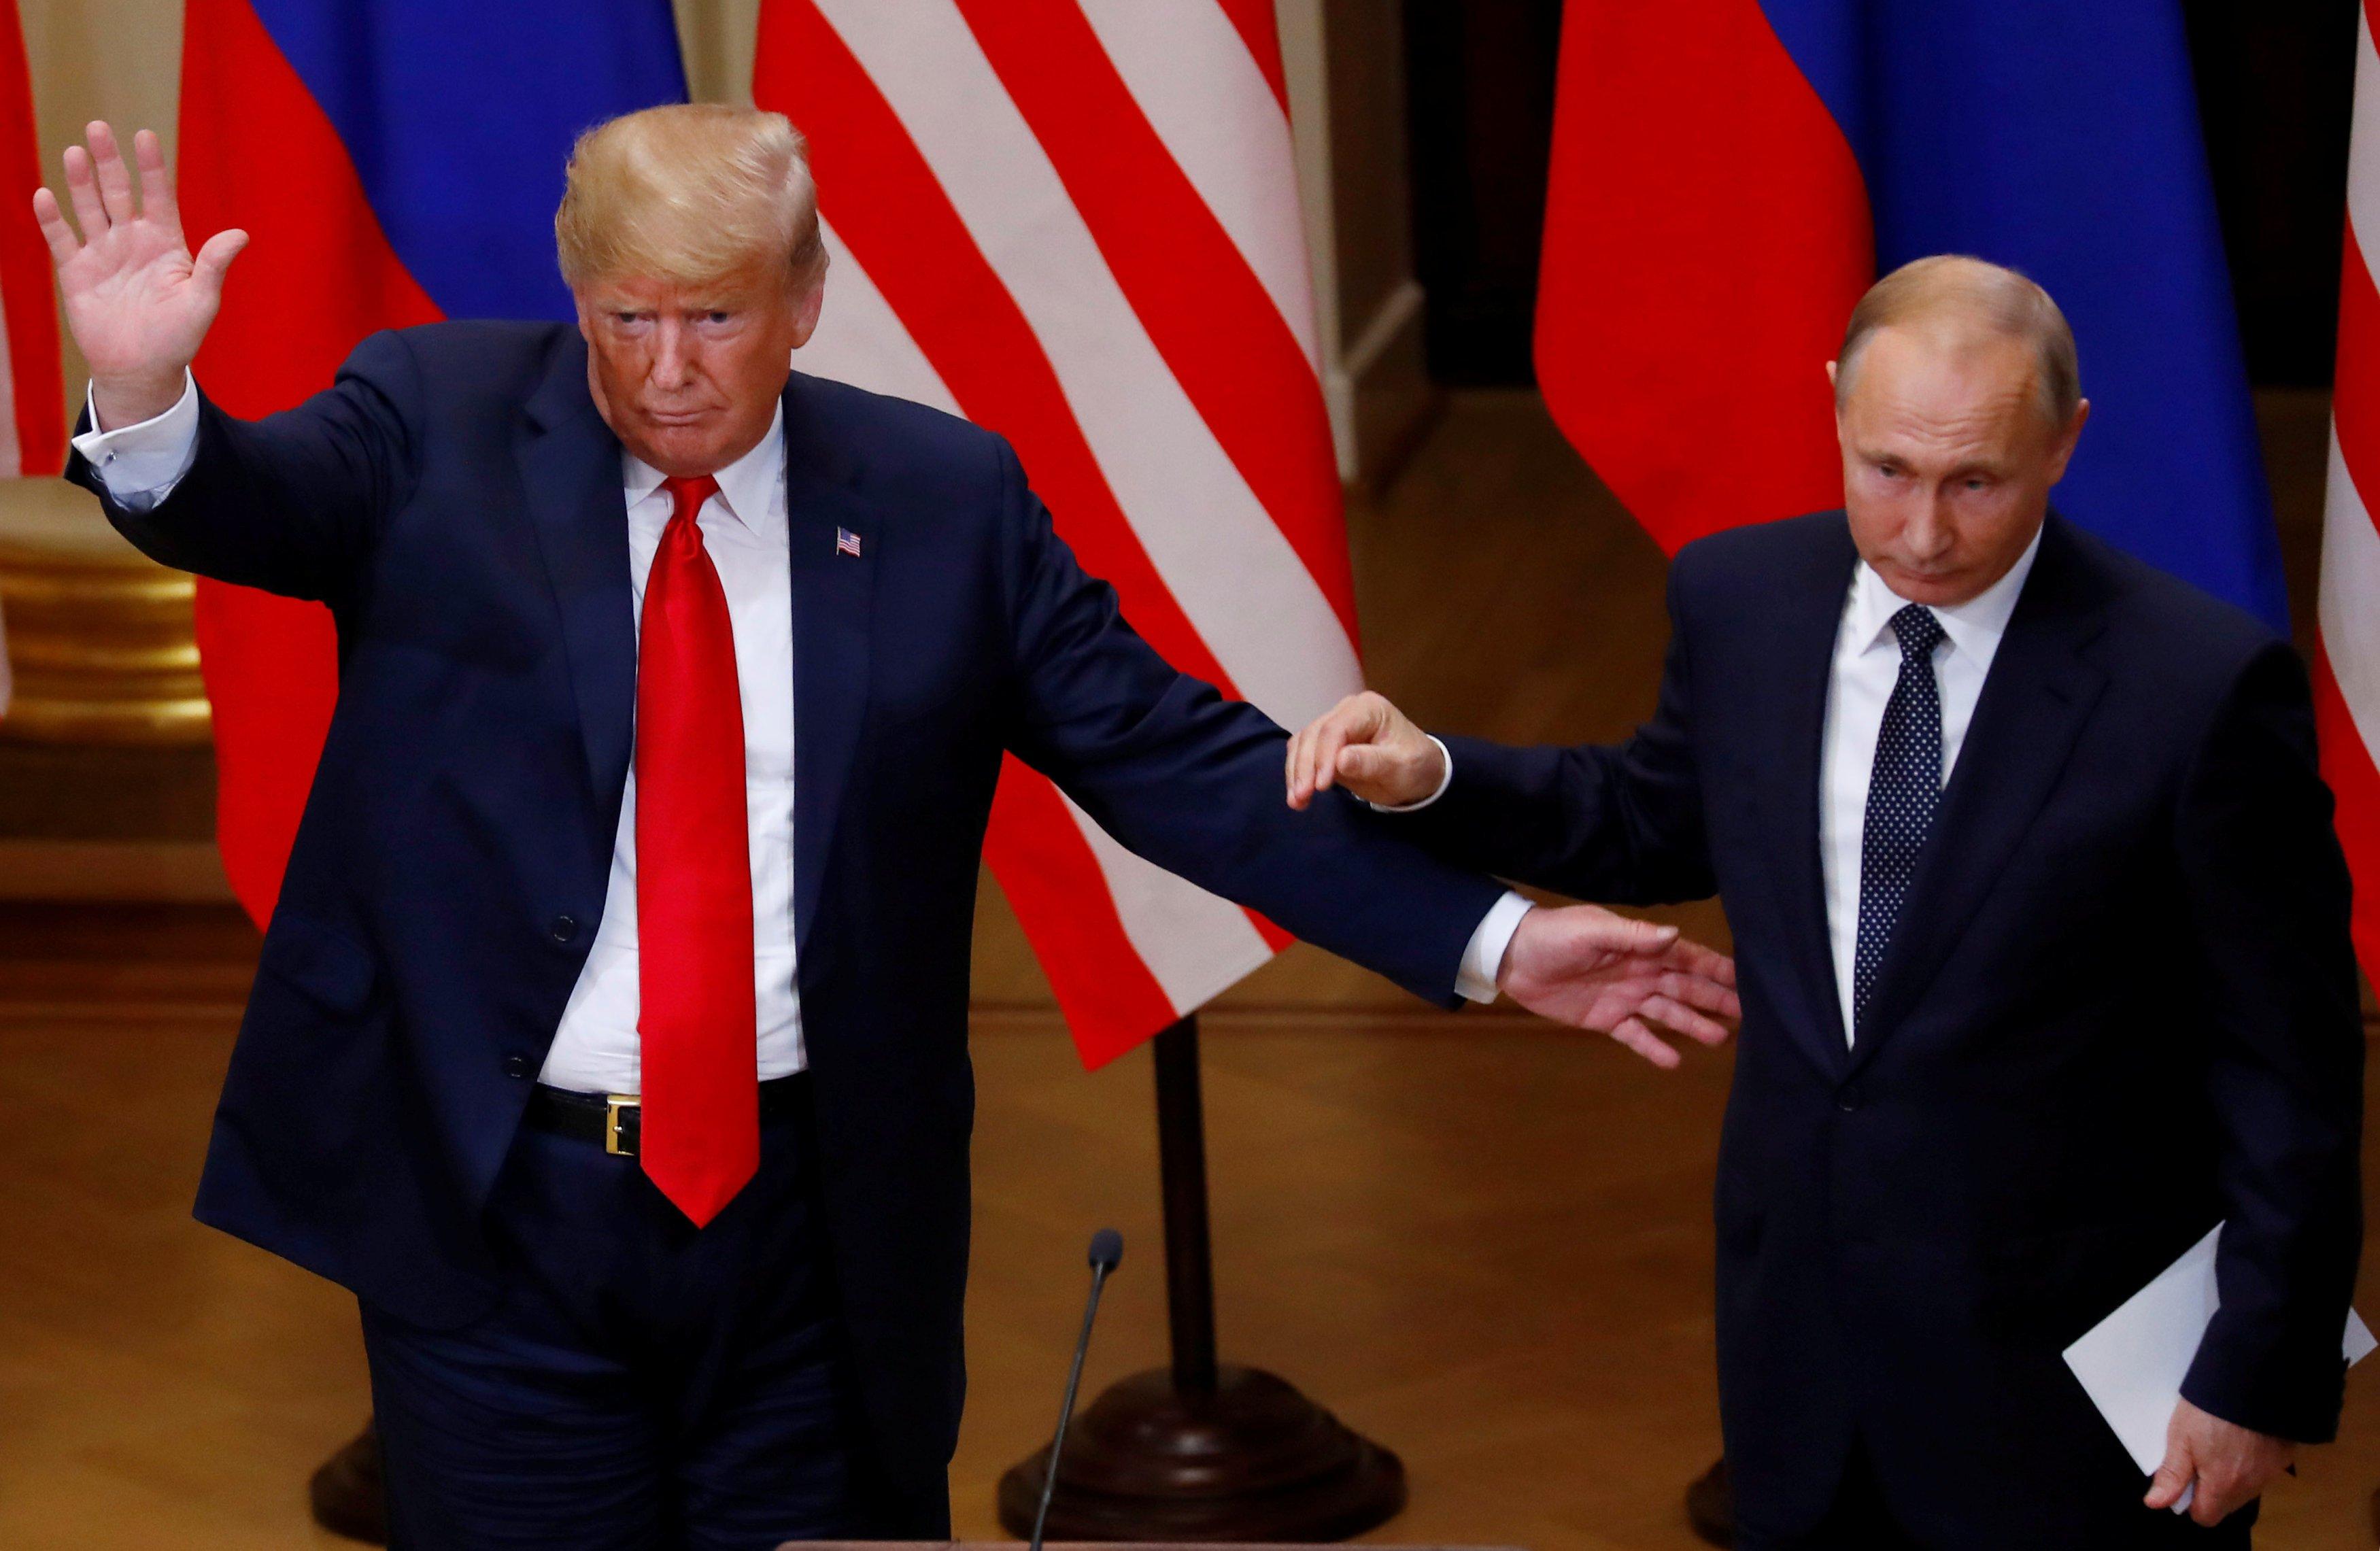 Встреча Дональда Трампа с Владимиром Путиным может состояться в 2019 году